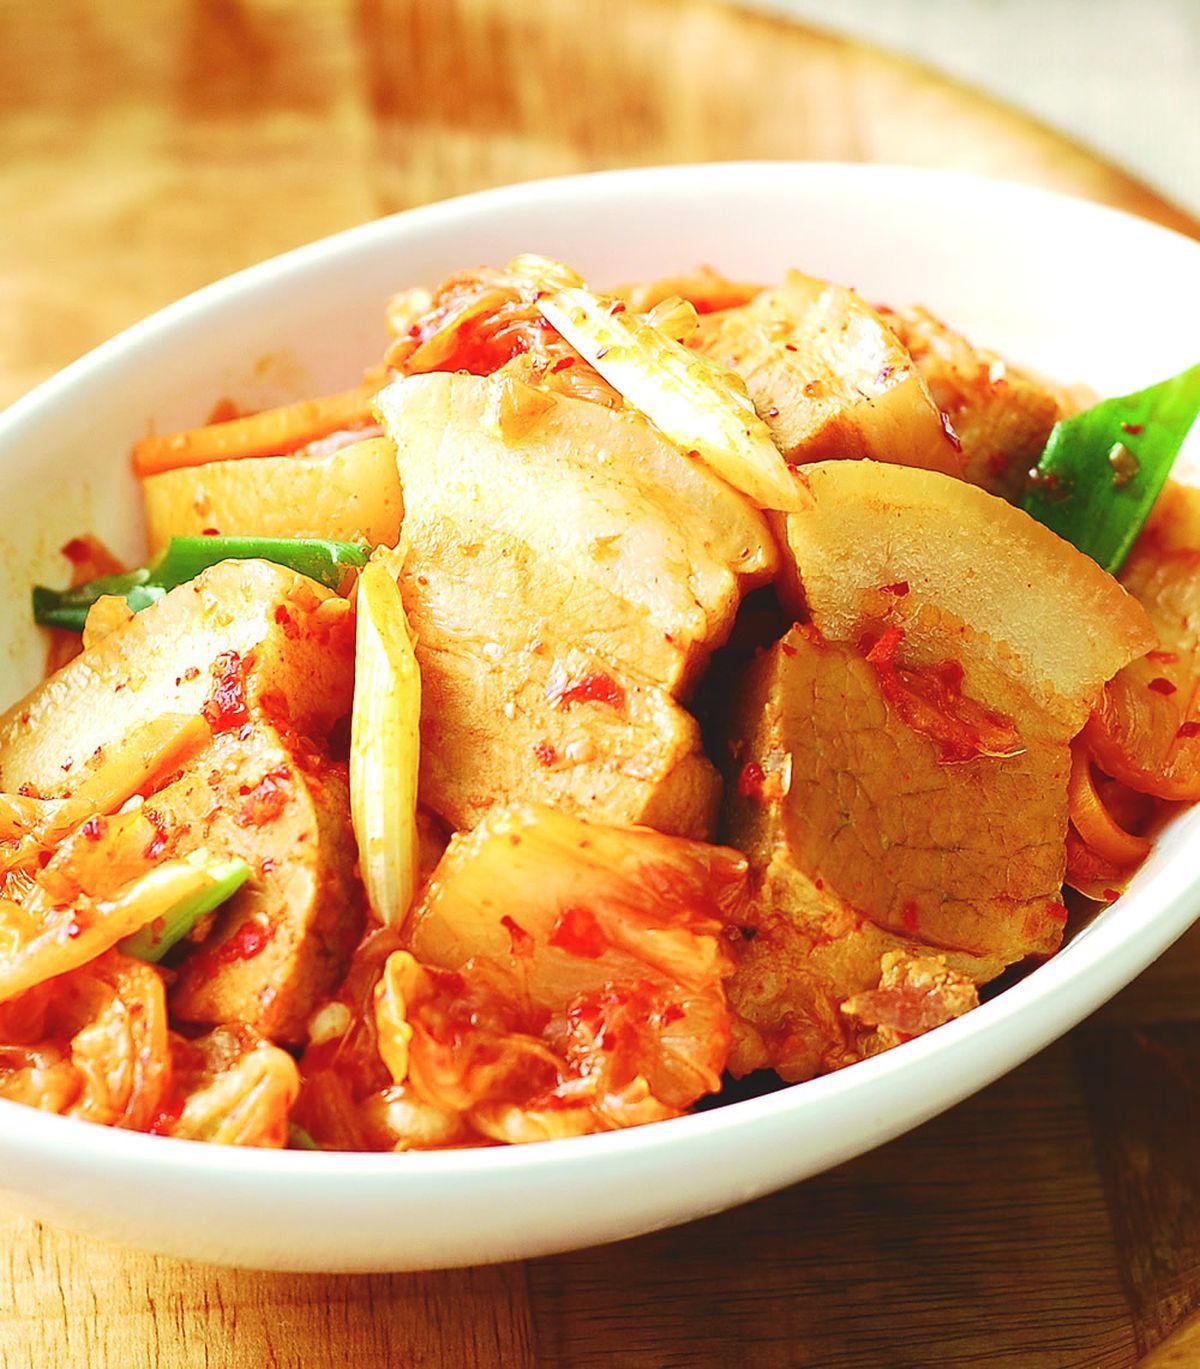 食譜:泡菜滷五花肉